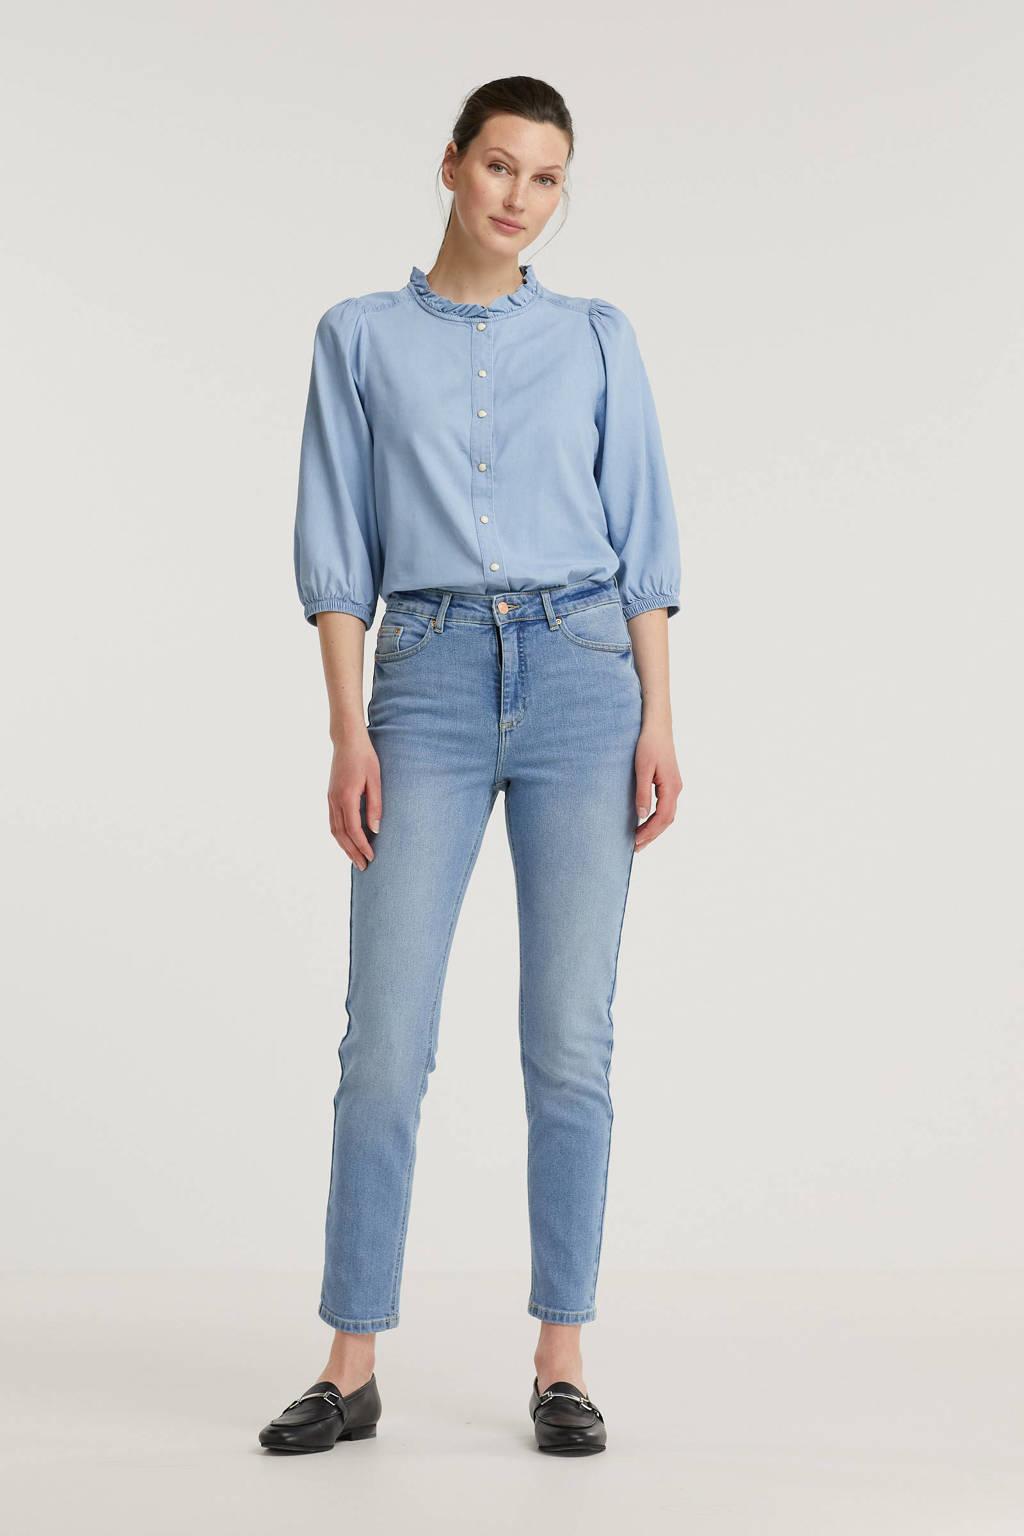 B.Young high waist mom jeans BYKATO BYFVKATRINE light blue denim, Light blue denim